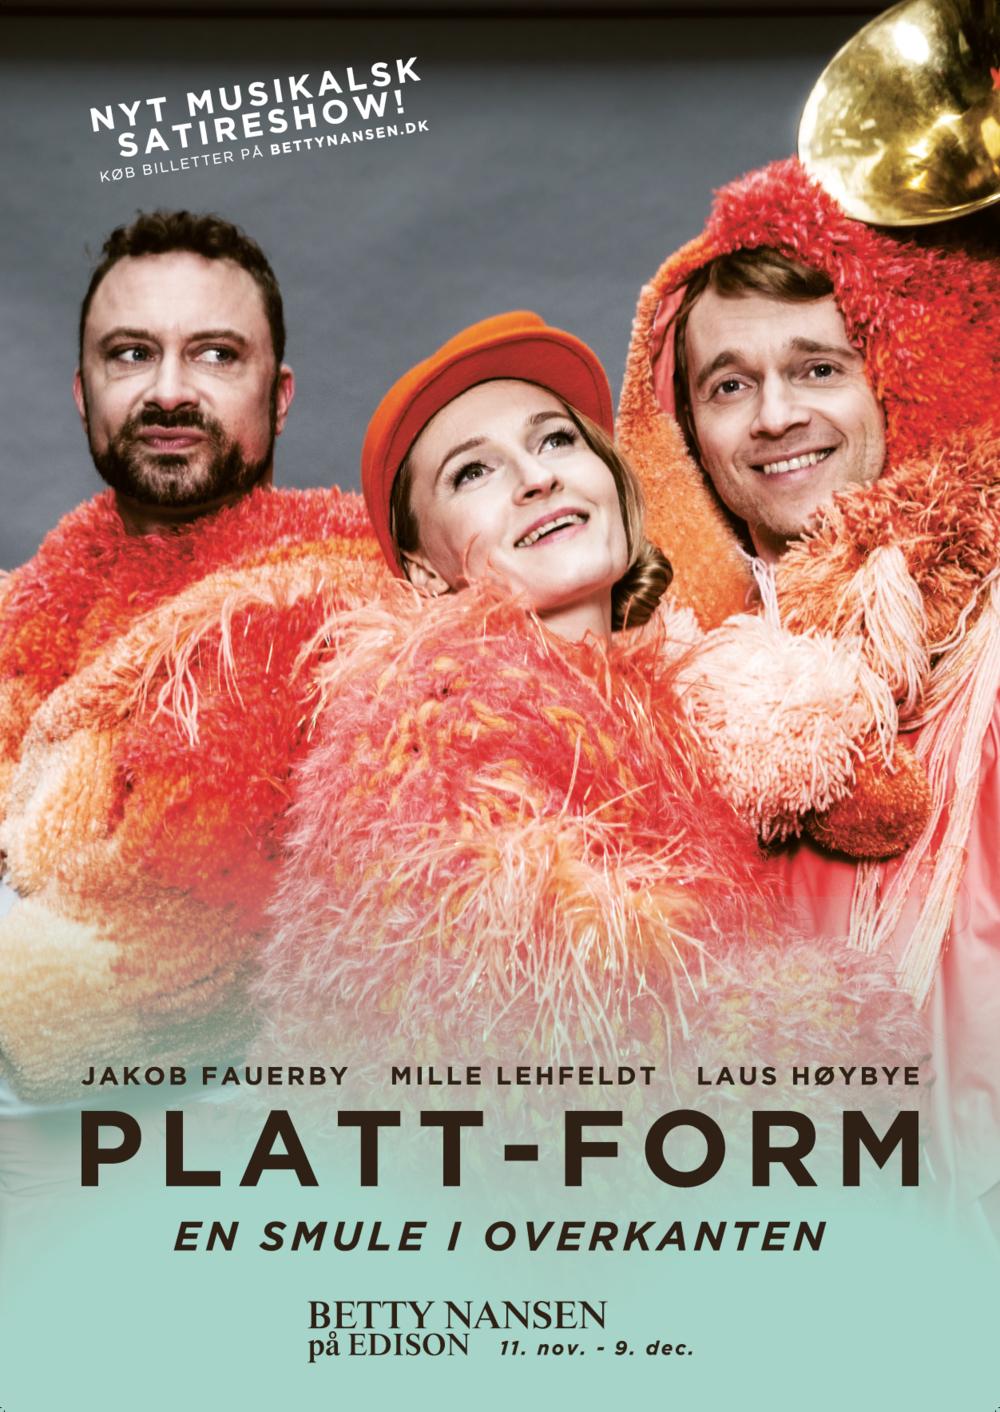 Plakat til Platt-Form